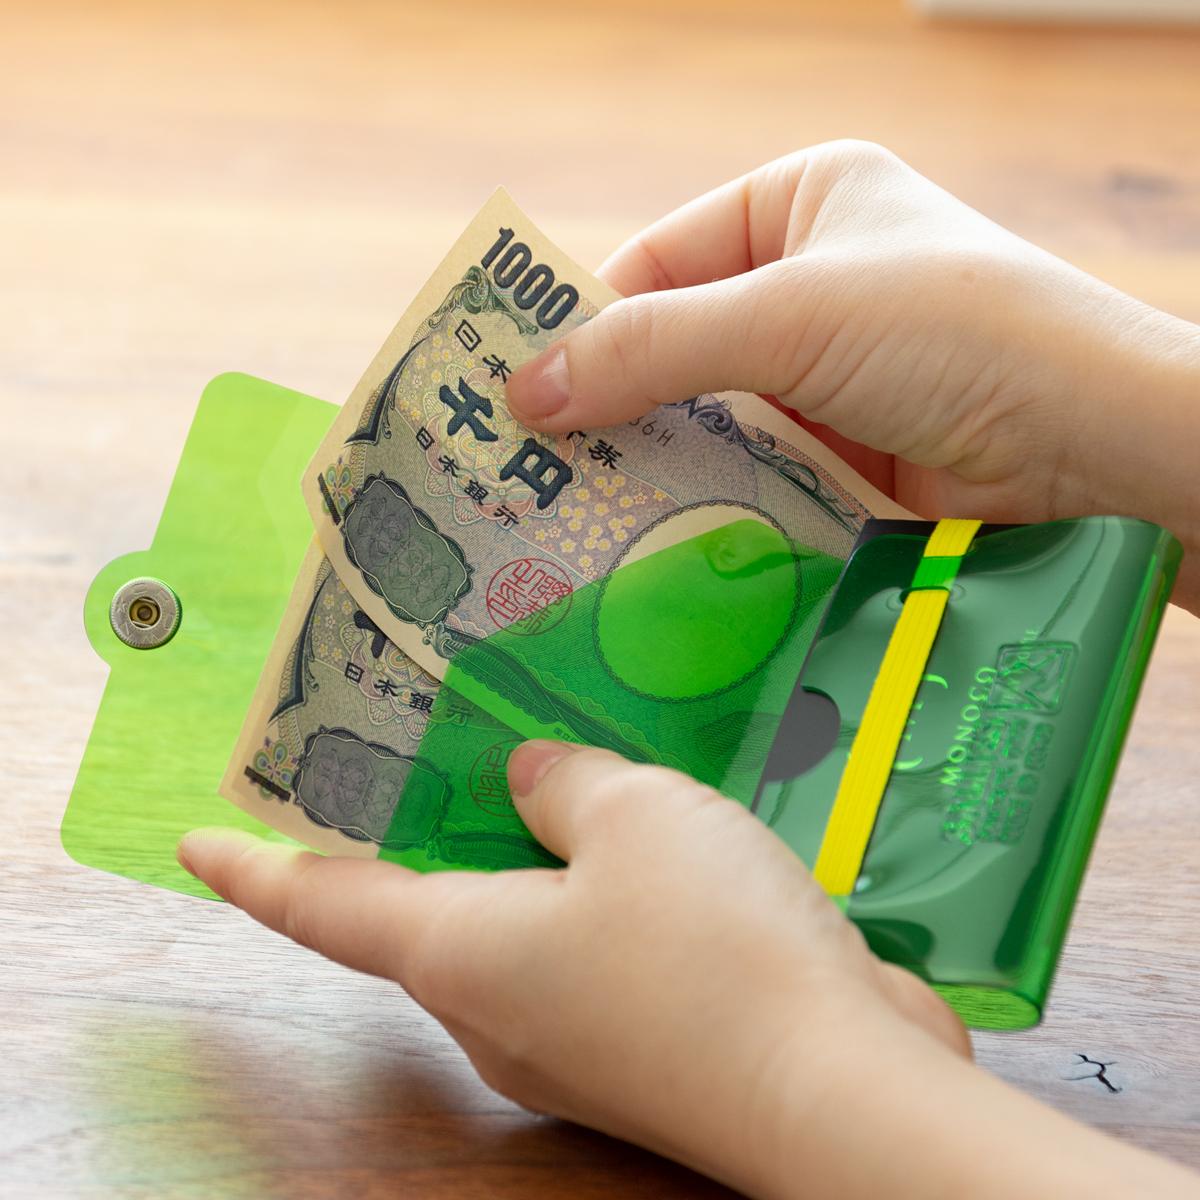 中に入れたお札が折り曲がらない。これひとつで、ジム・旅行・アウトドアへ!ミニマム構造がかなえる、軽量&収納力の「ミニ財布」|SALLIES